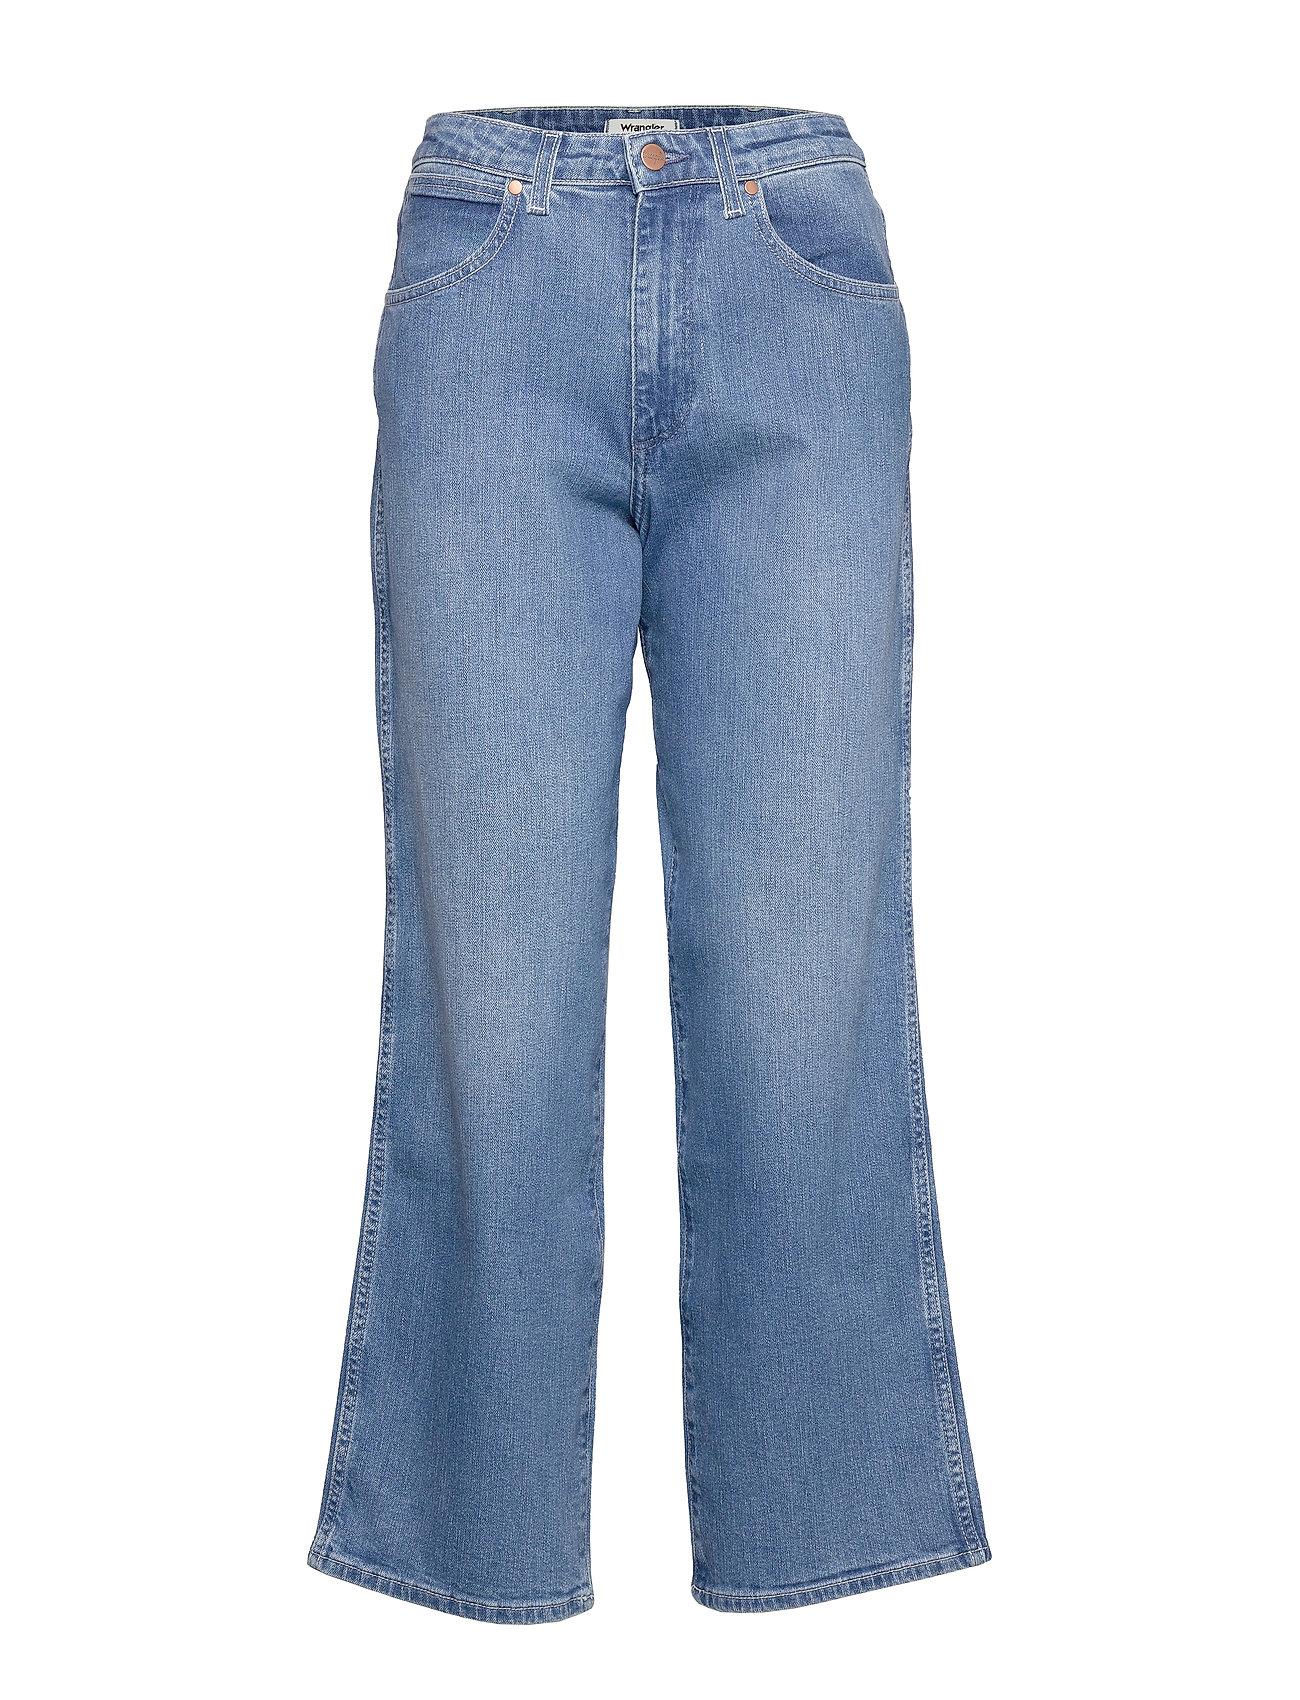 Image of Mom Relaxed Vide Jeans Blå Wrangler (3406319429)